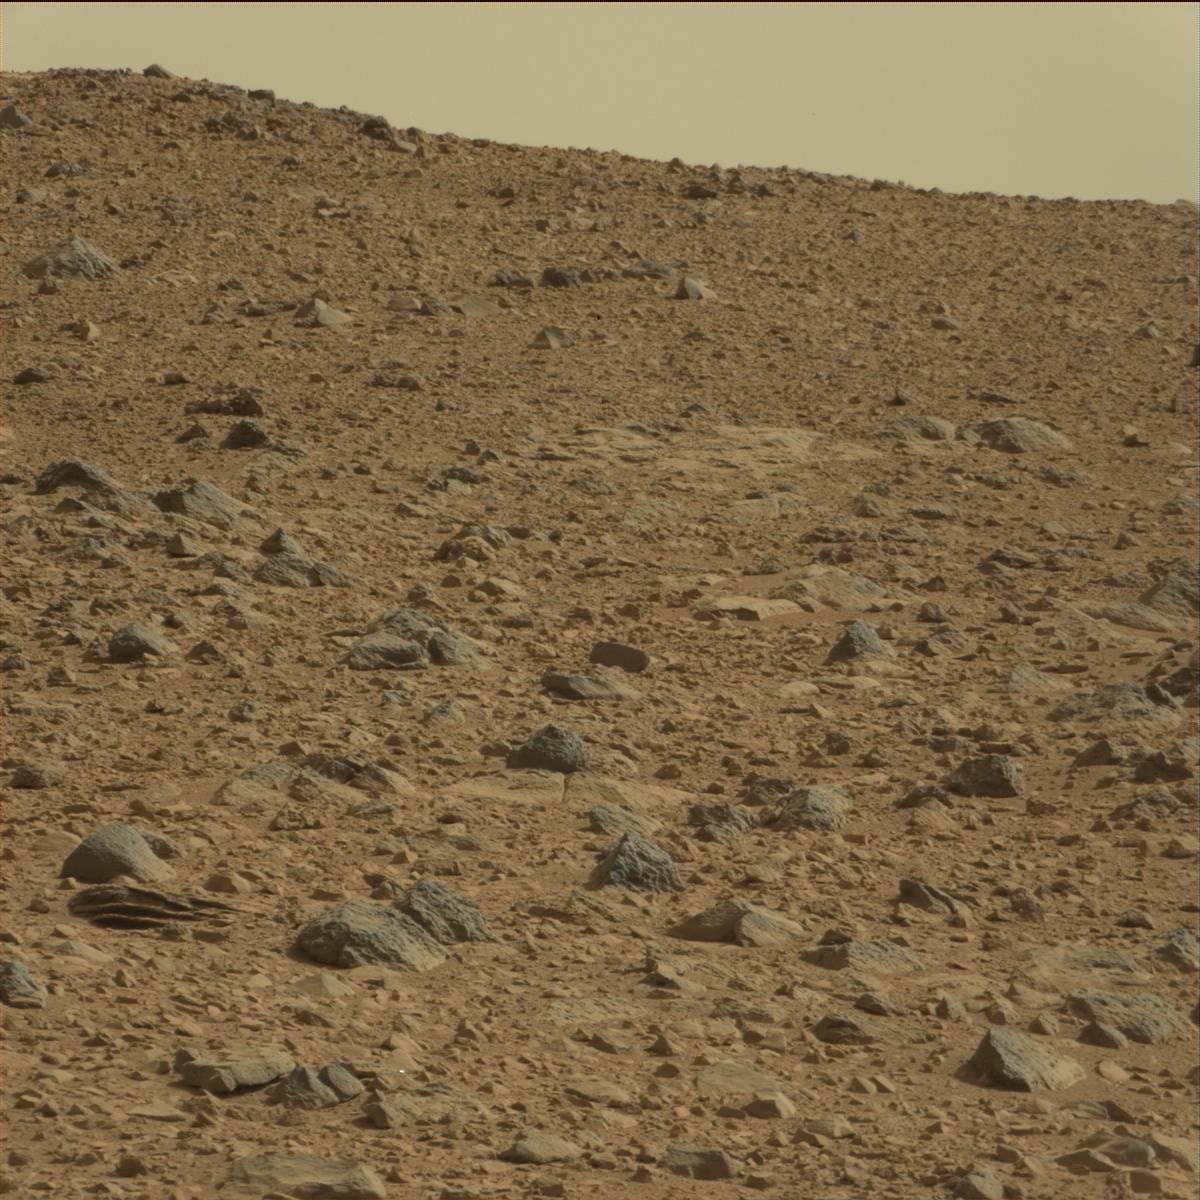 rover 75 mars - photo #33